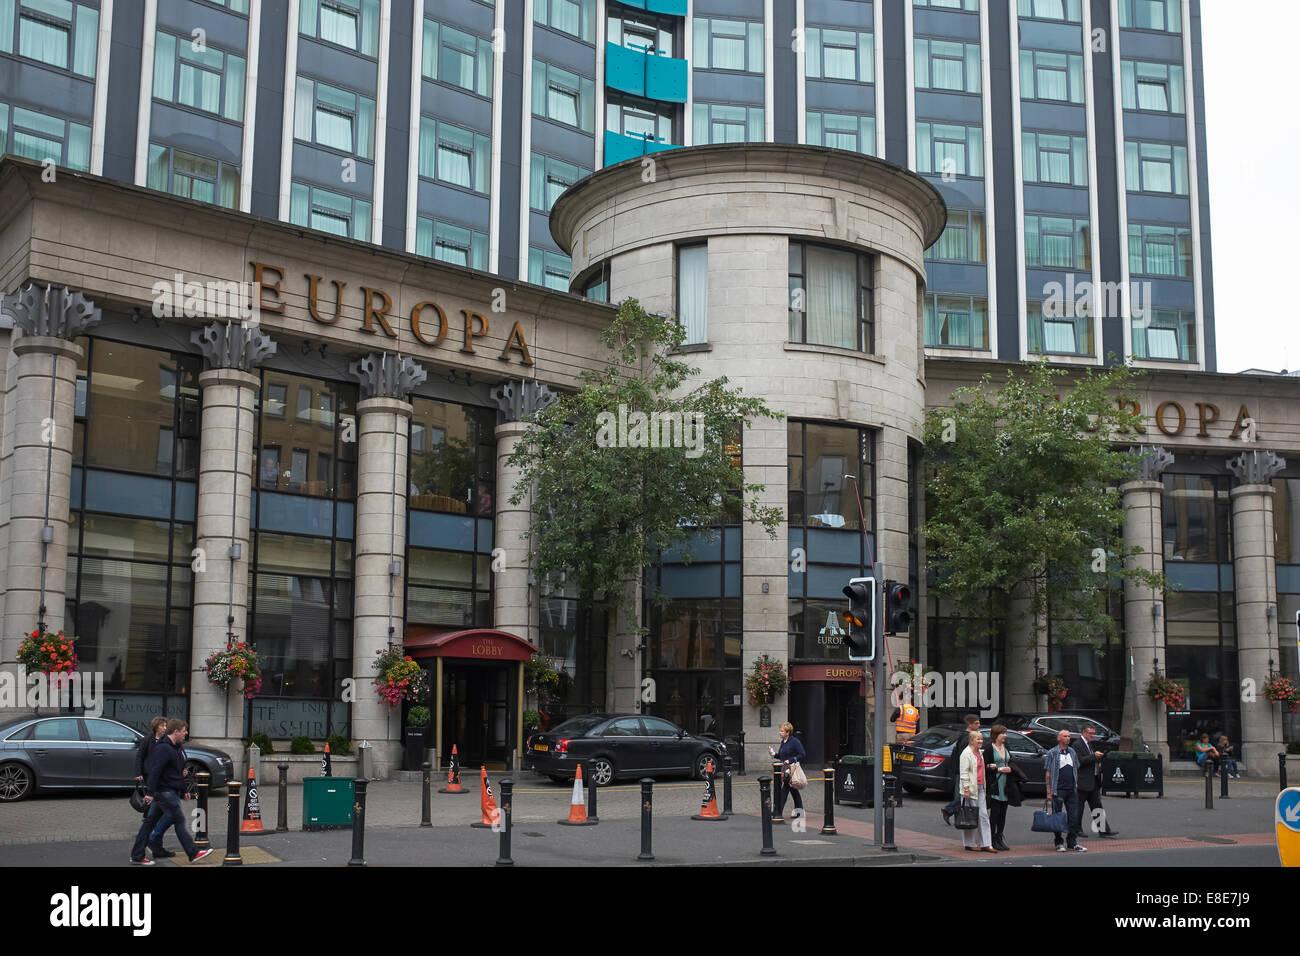 Ingresso al Europa Hotel a Belfast City Centre Immagini Stock